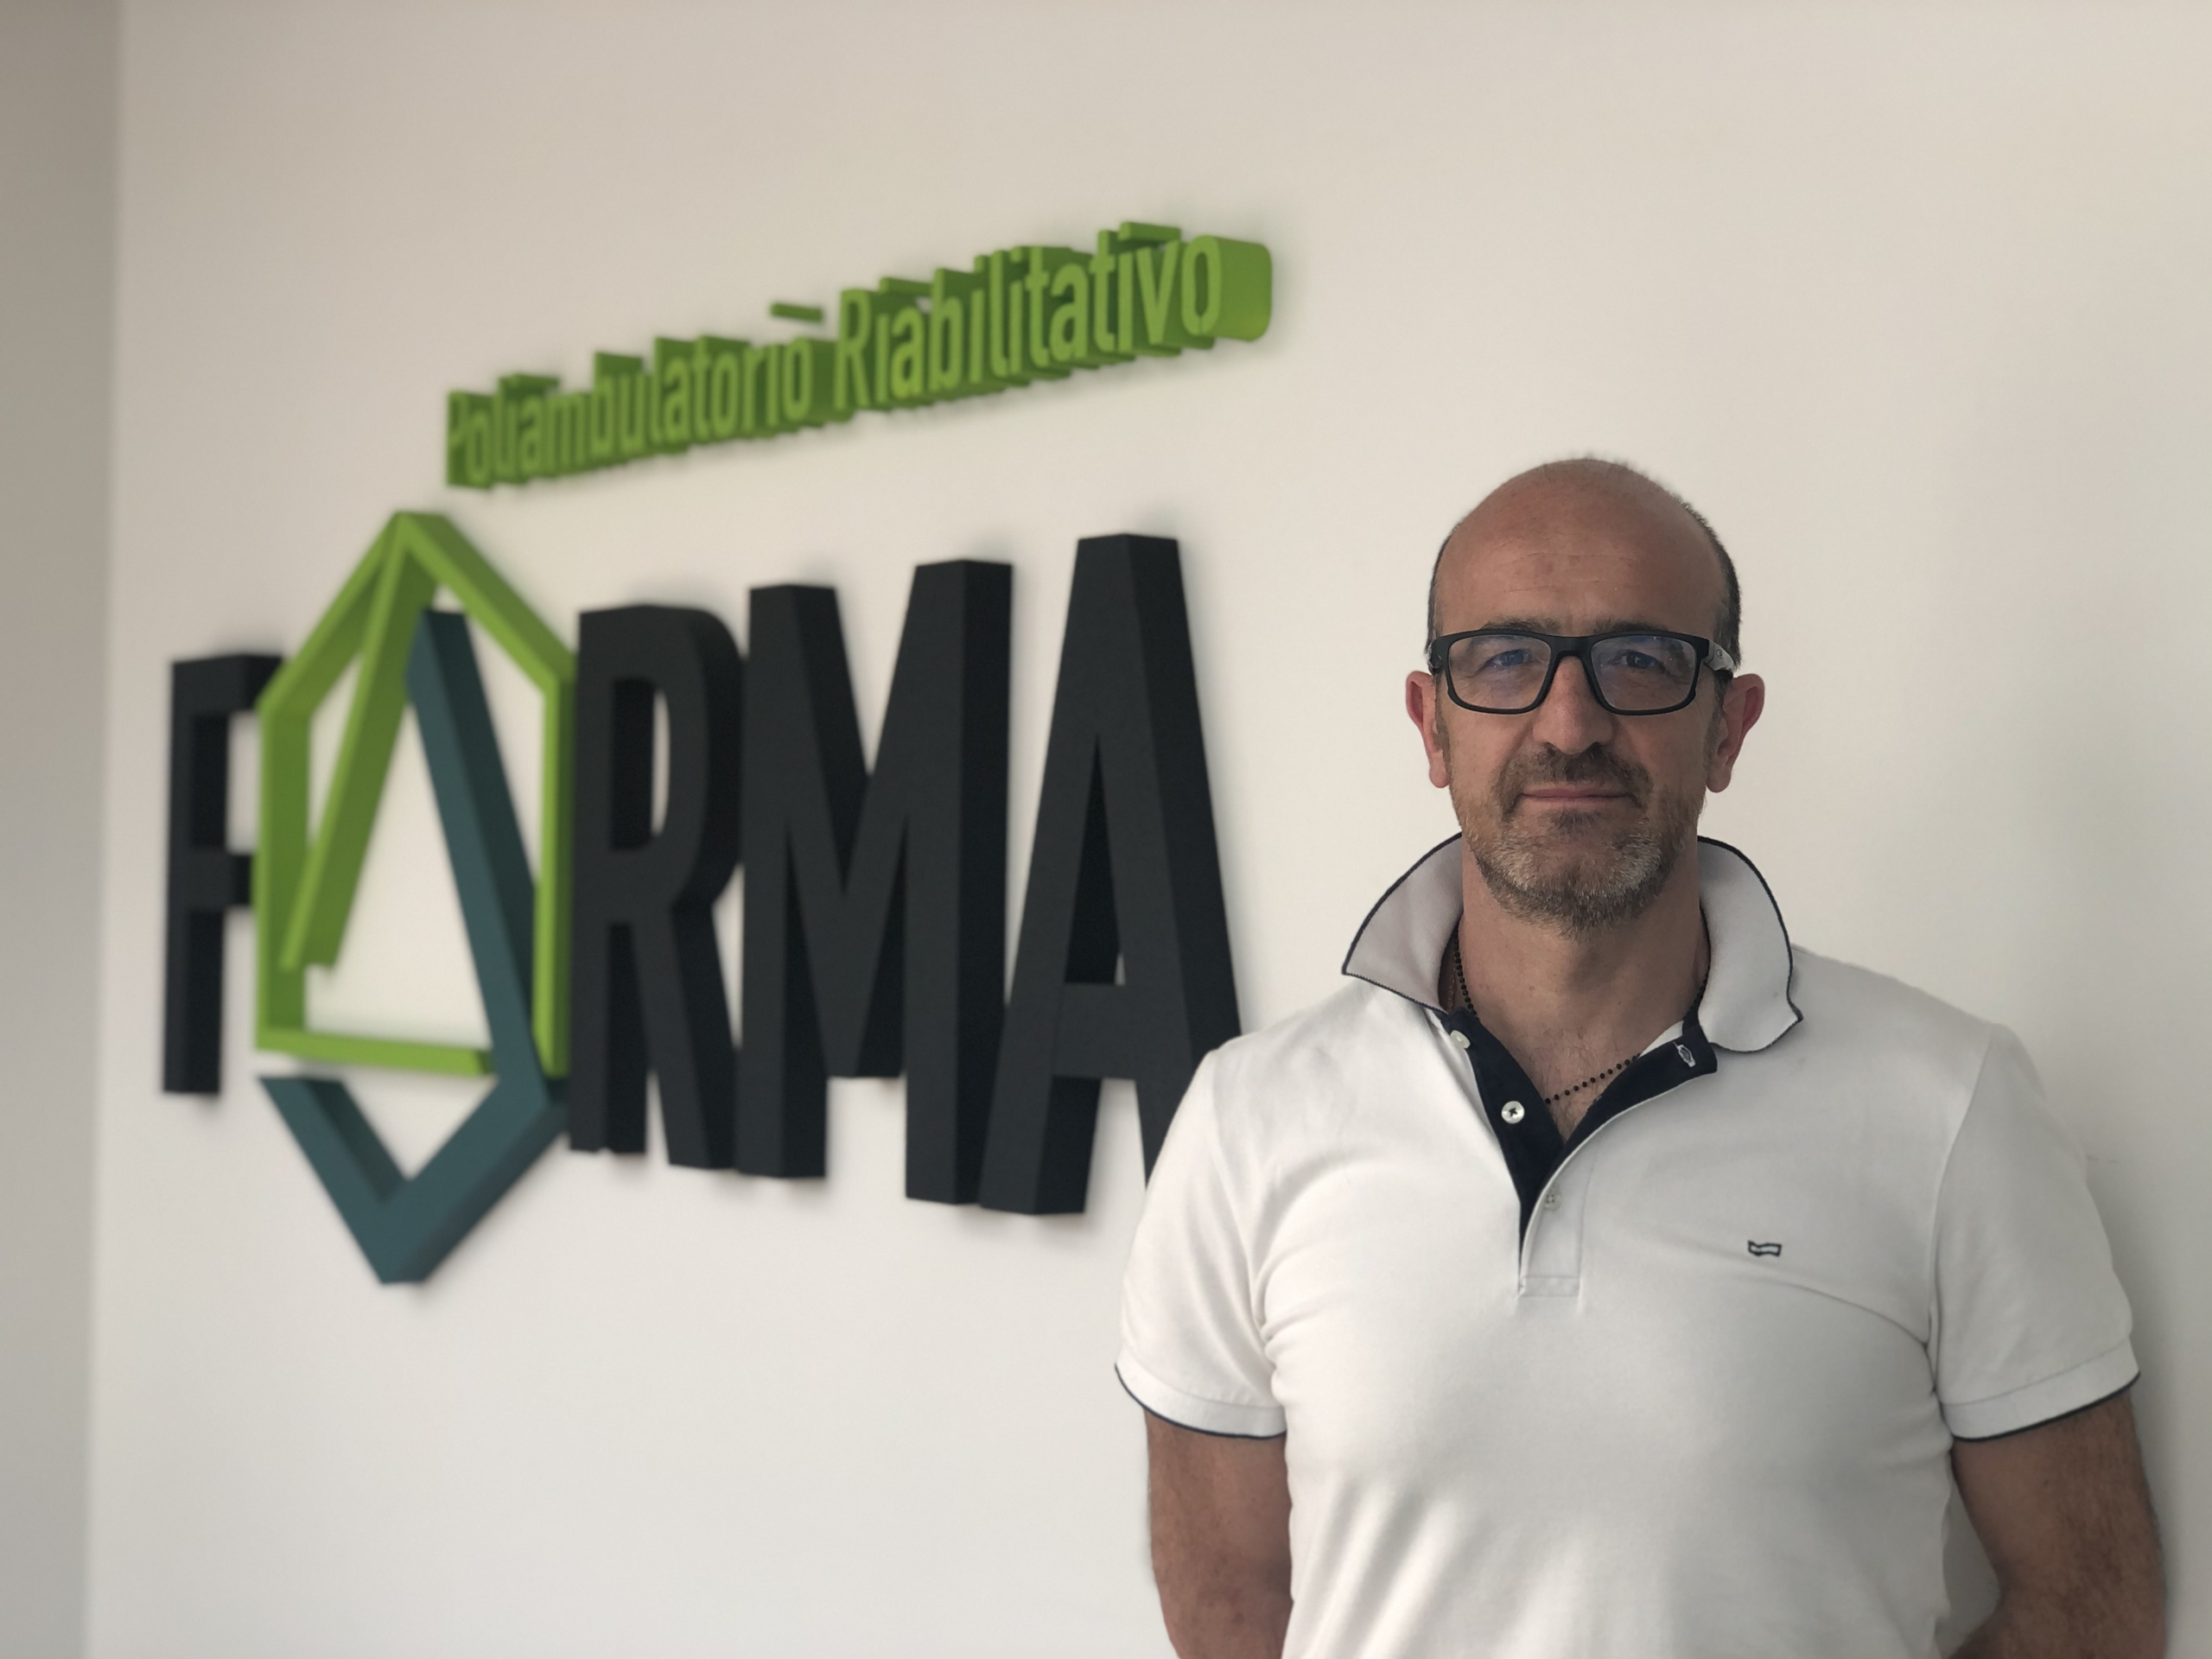 Dott. Perfetti Carlo Ortopedico - FORMA Poliambulatorio Riabilitativo Corbetta Visite Specialistiche